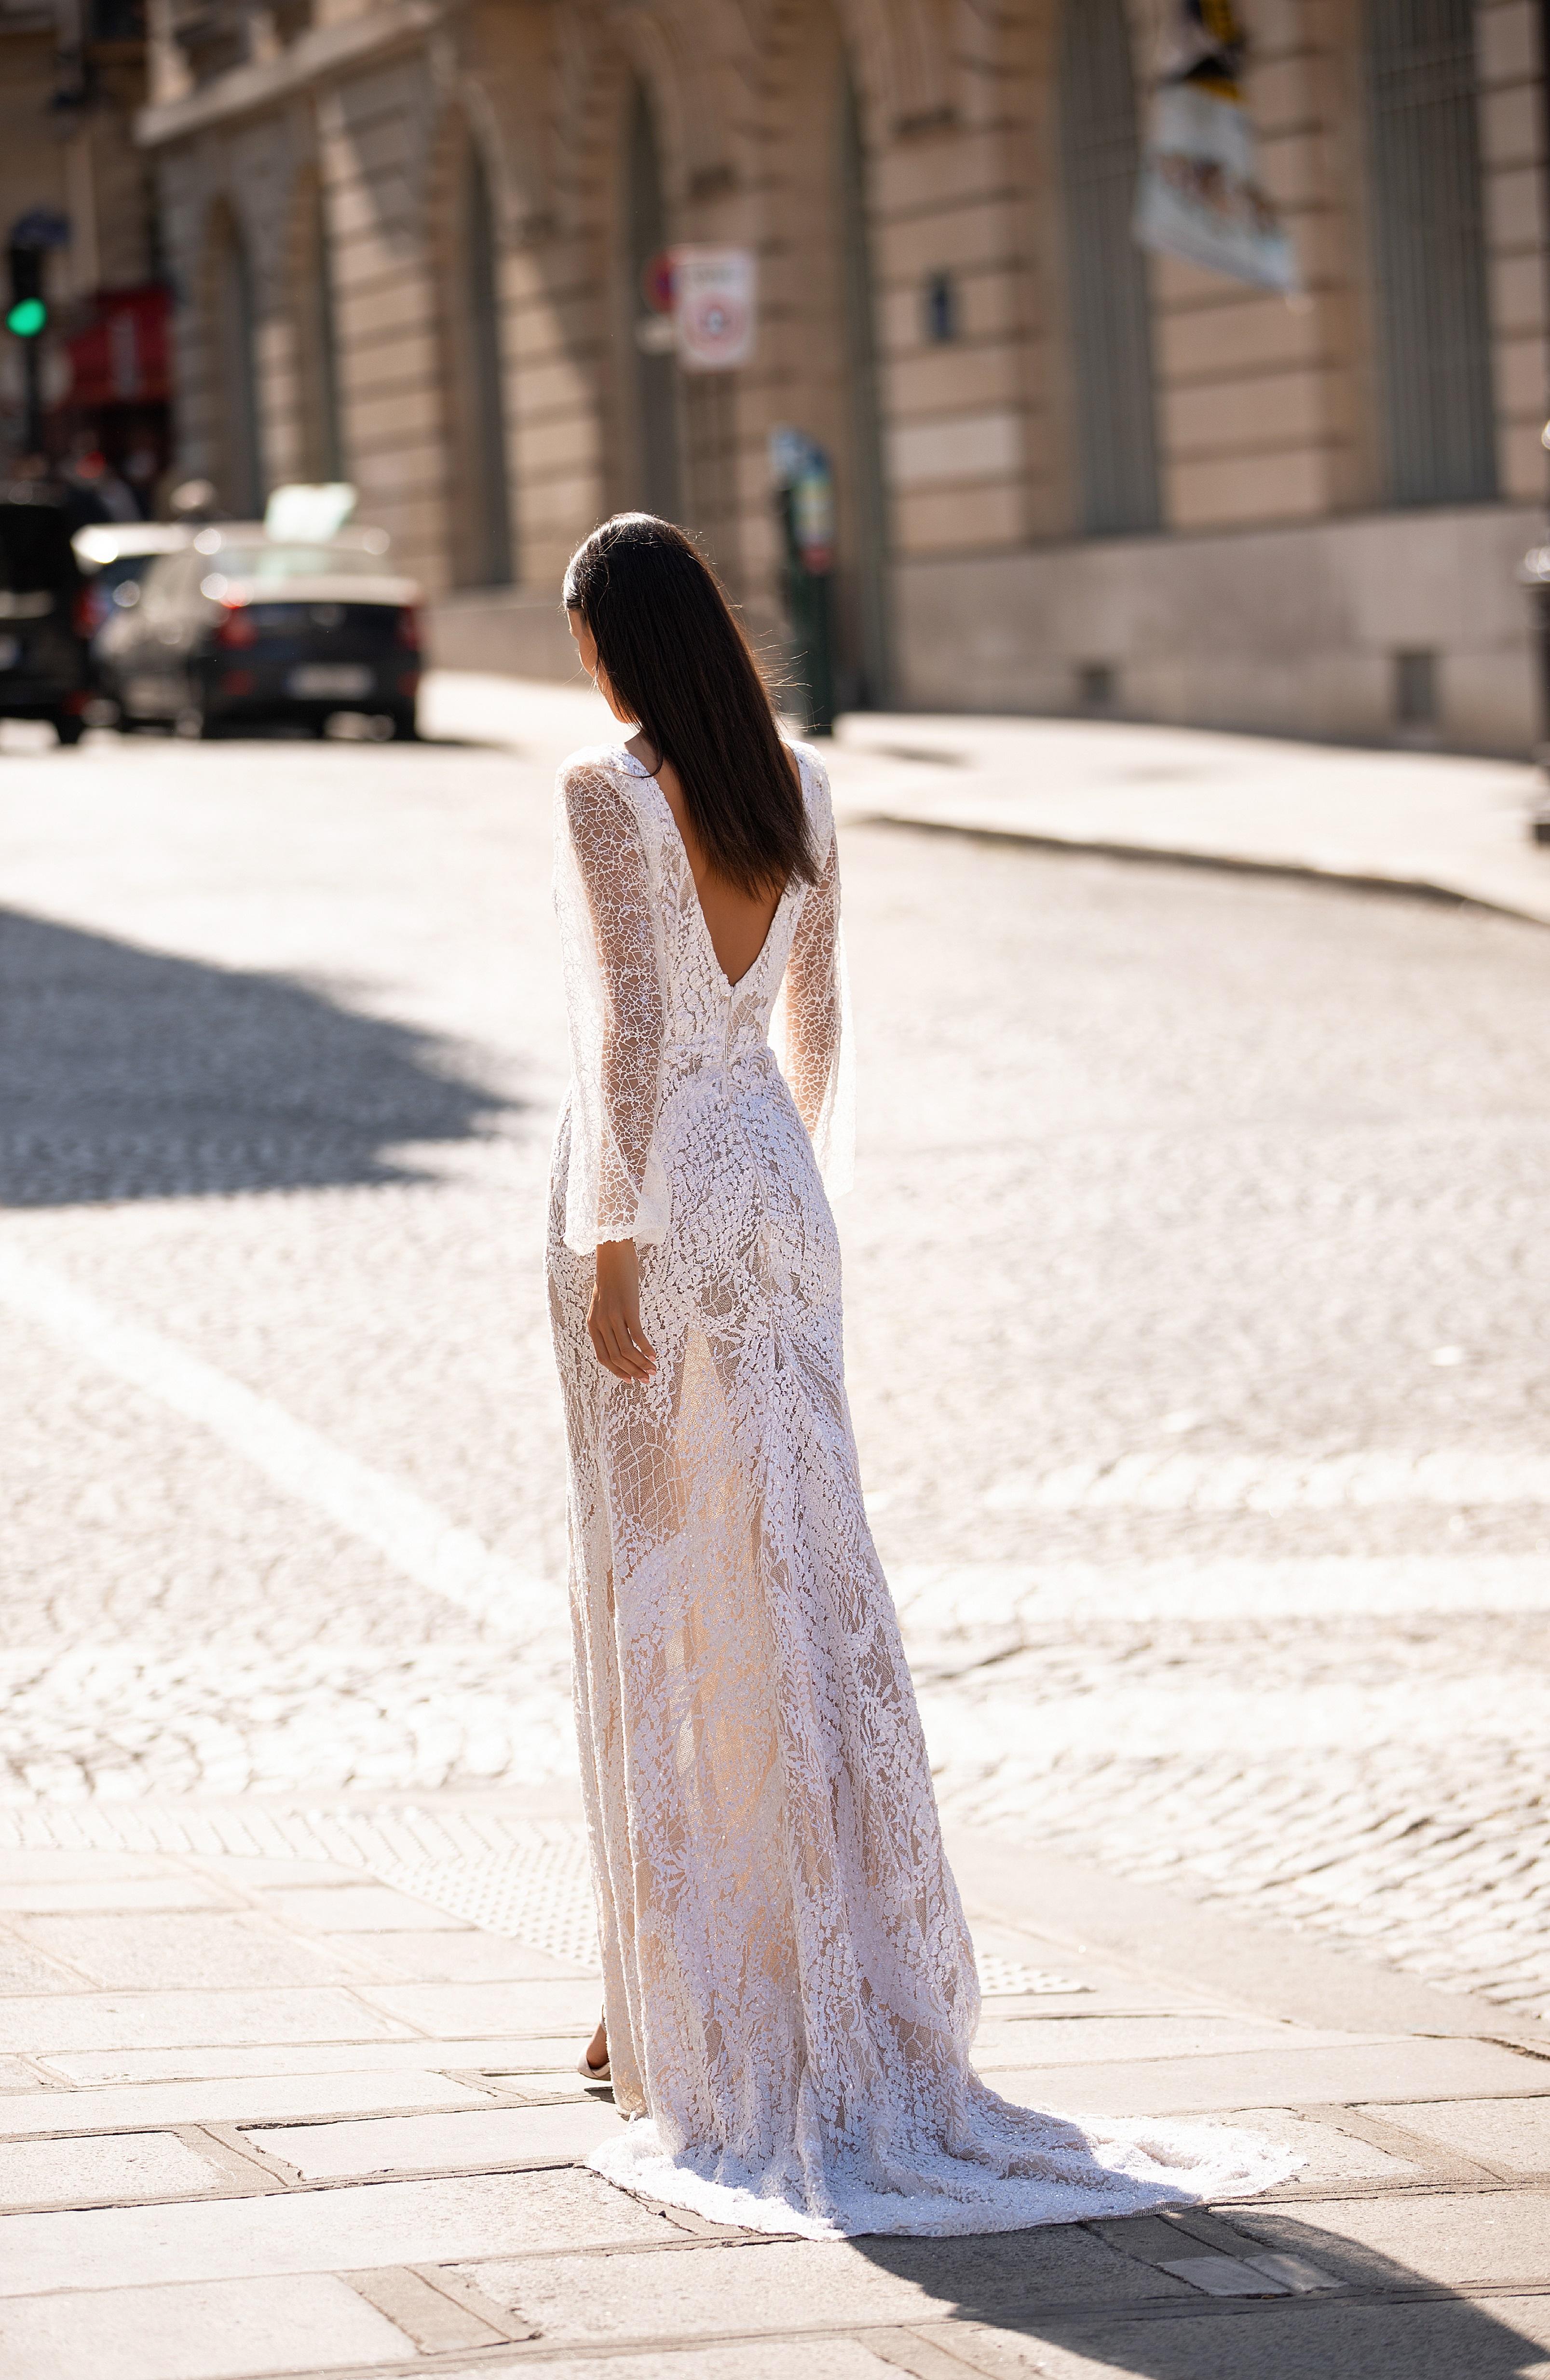 Rochii de mireasa Lorenzo Rossi model DOMINIQUE 2020/21